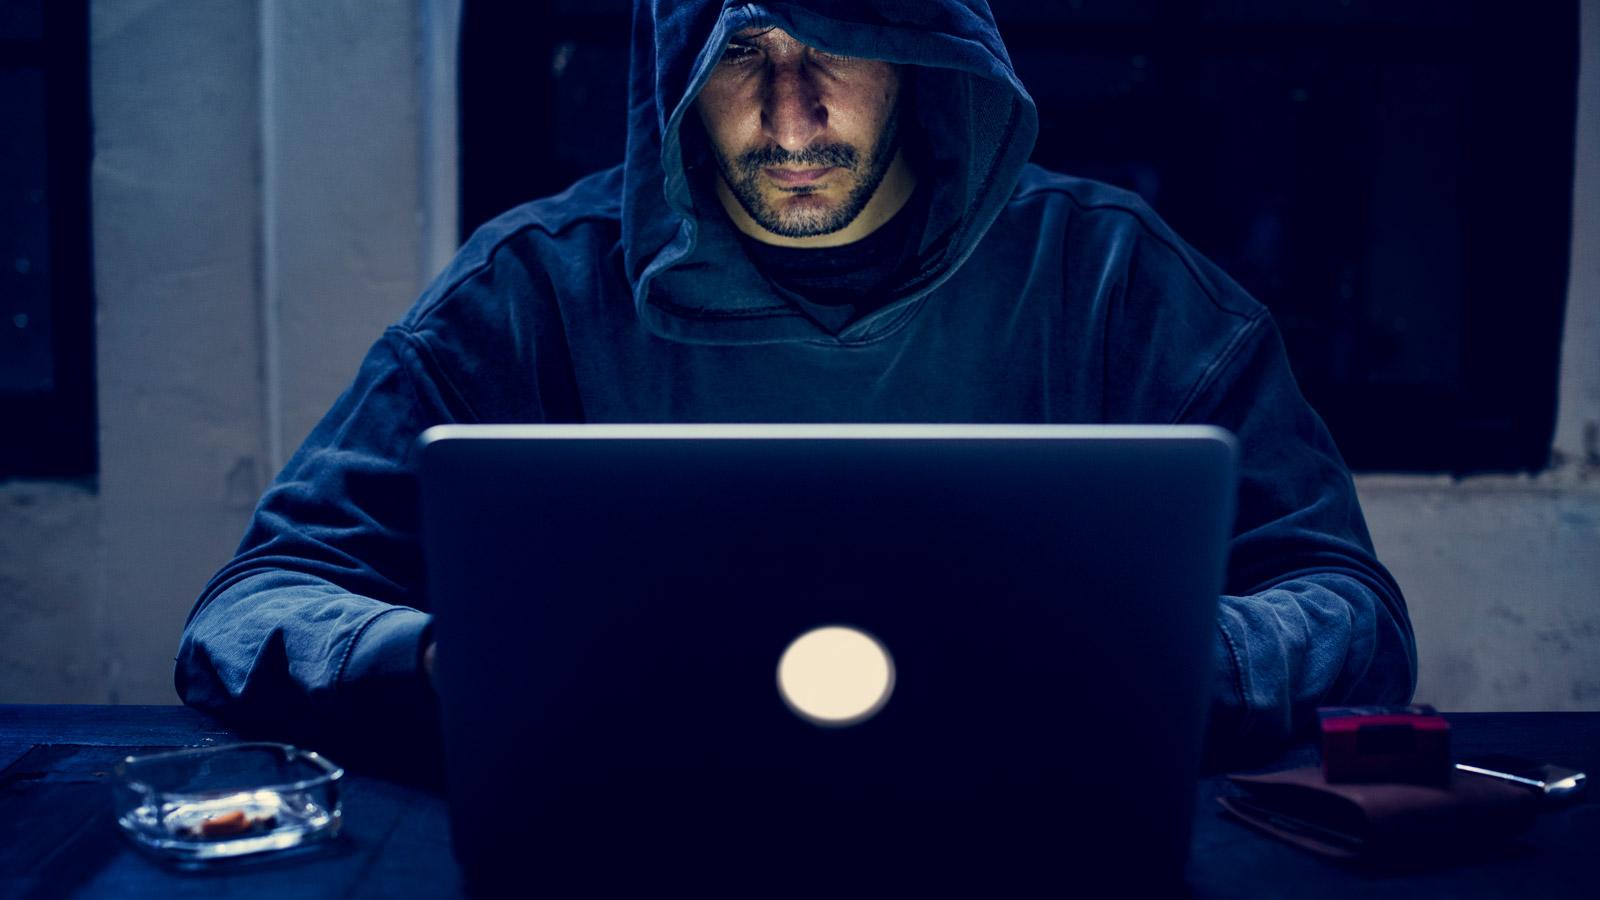 Branża farmaceutyczna celem ataków cyberprzestępców Technologia mediarun haker cyber komputer 2020